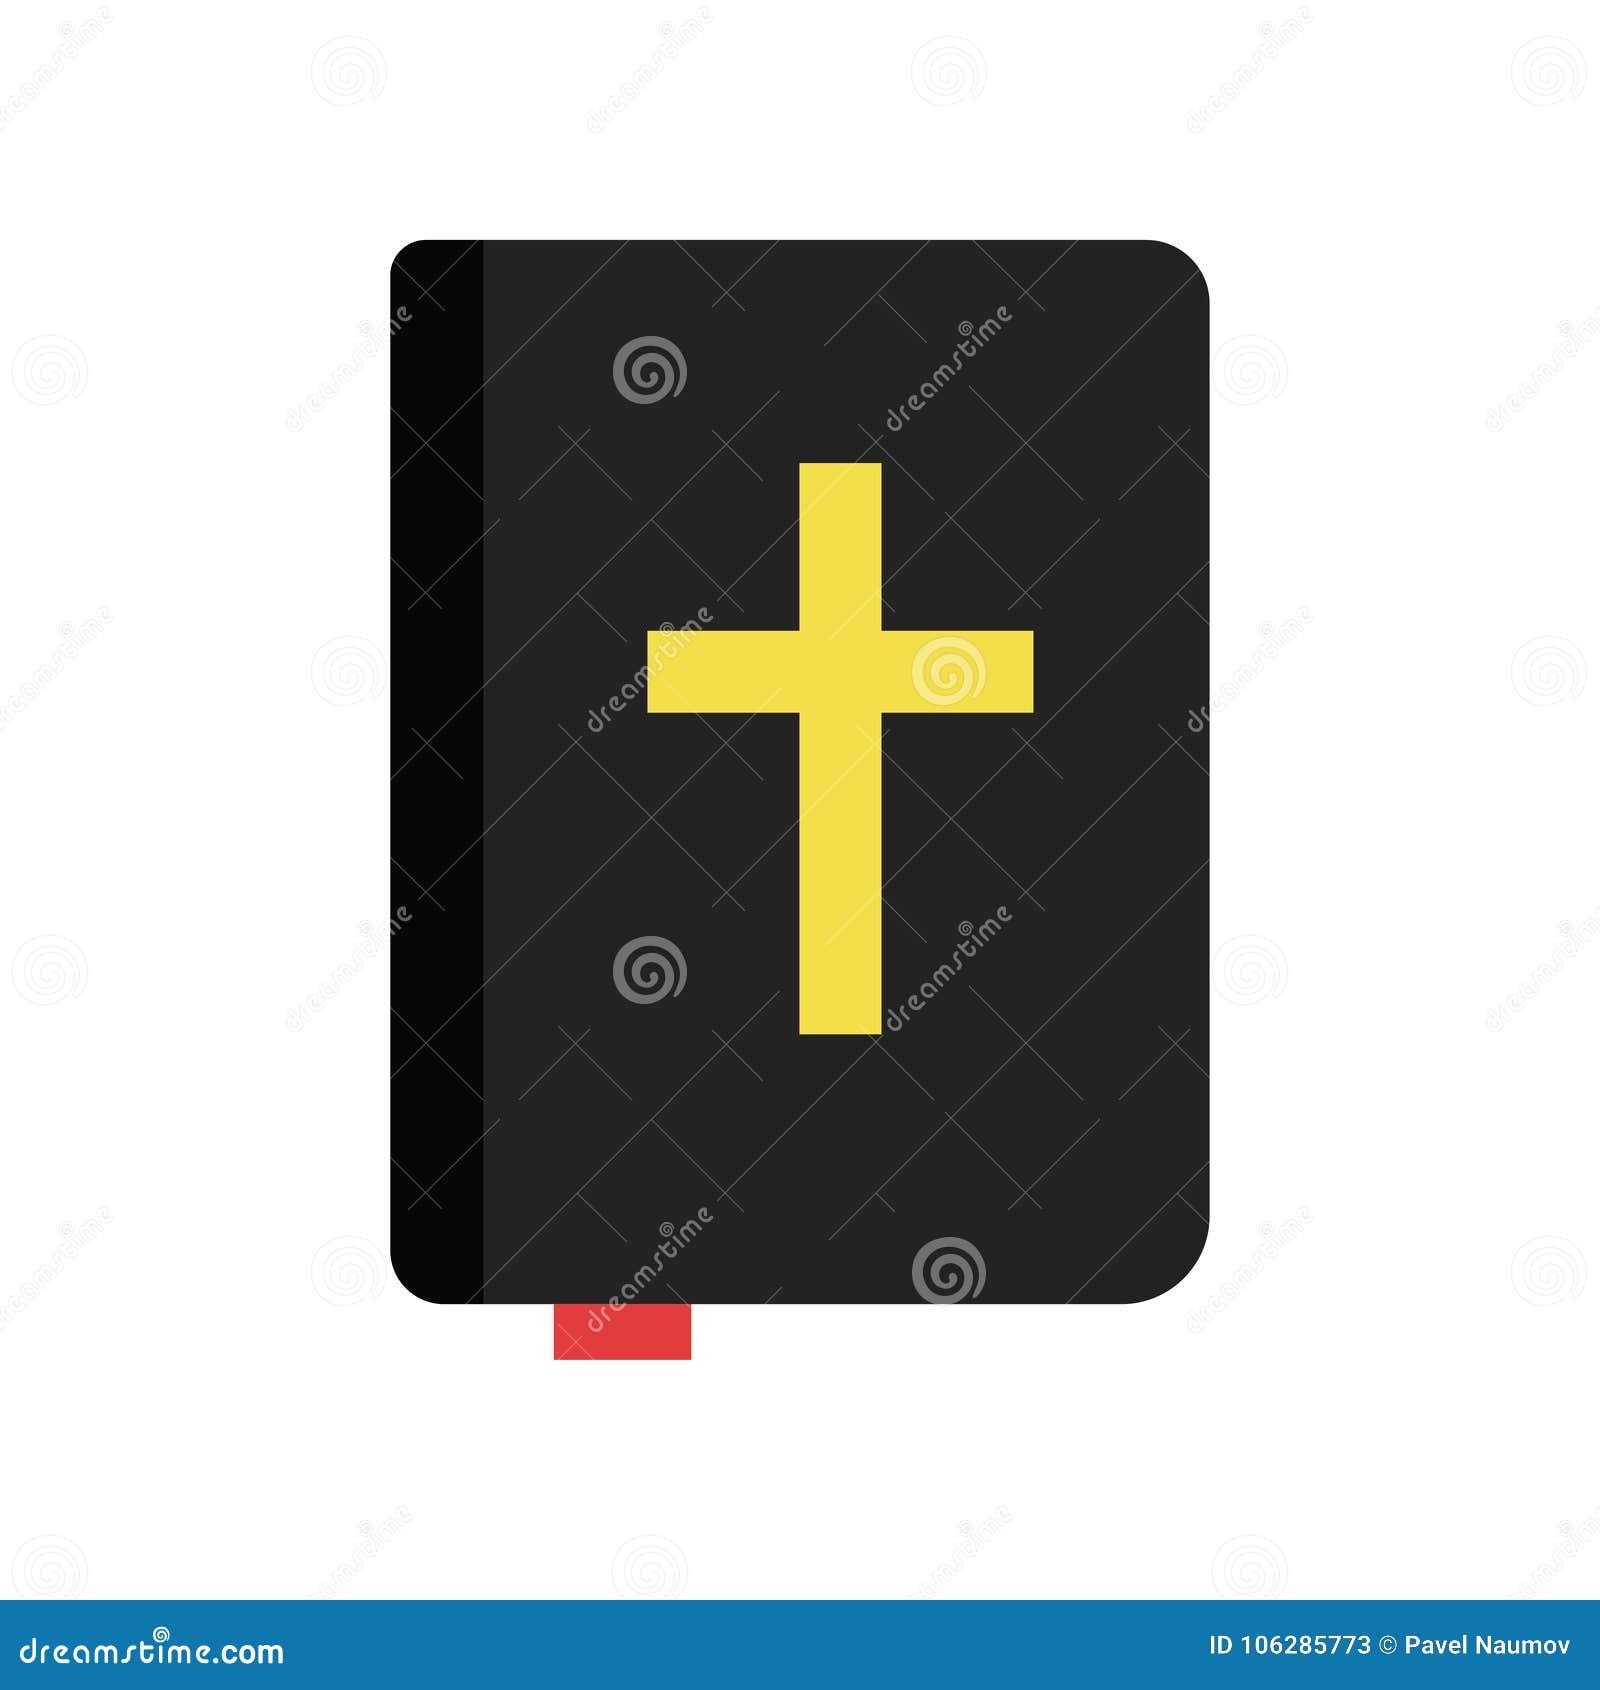 圣经 宗教课本基督徒书  宗教文学 东正教的宗教传统 在舱内甲板的象